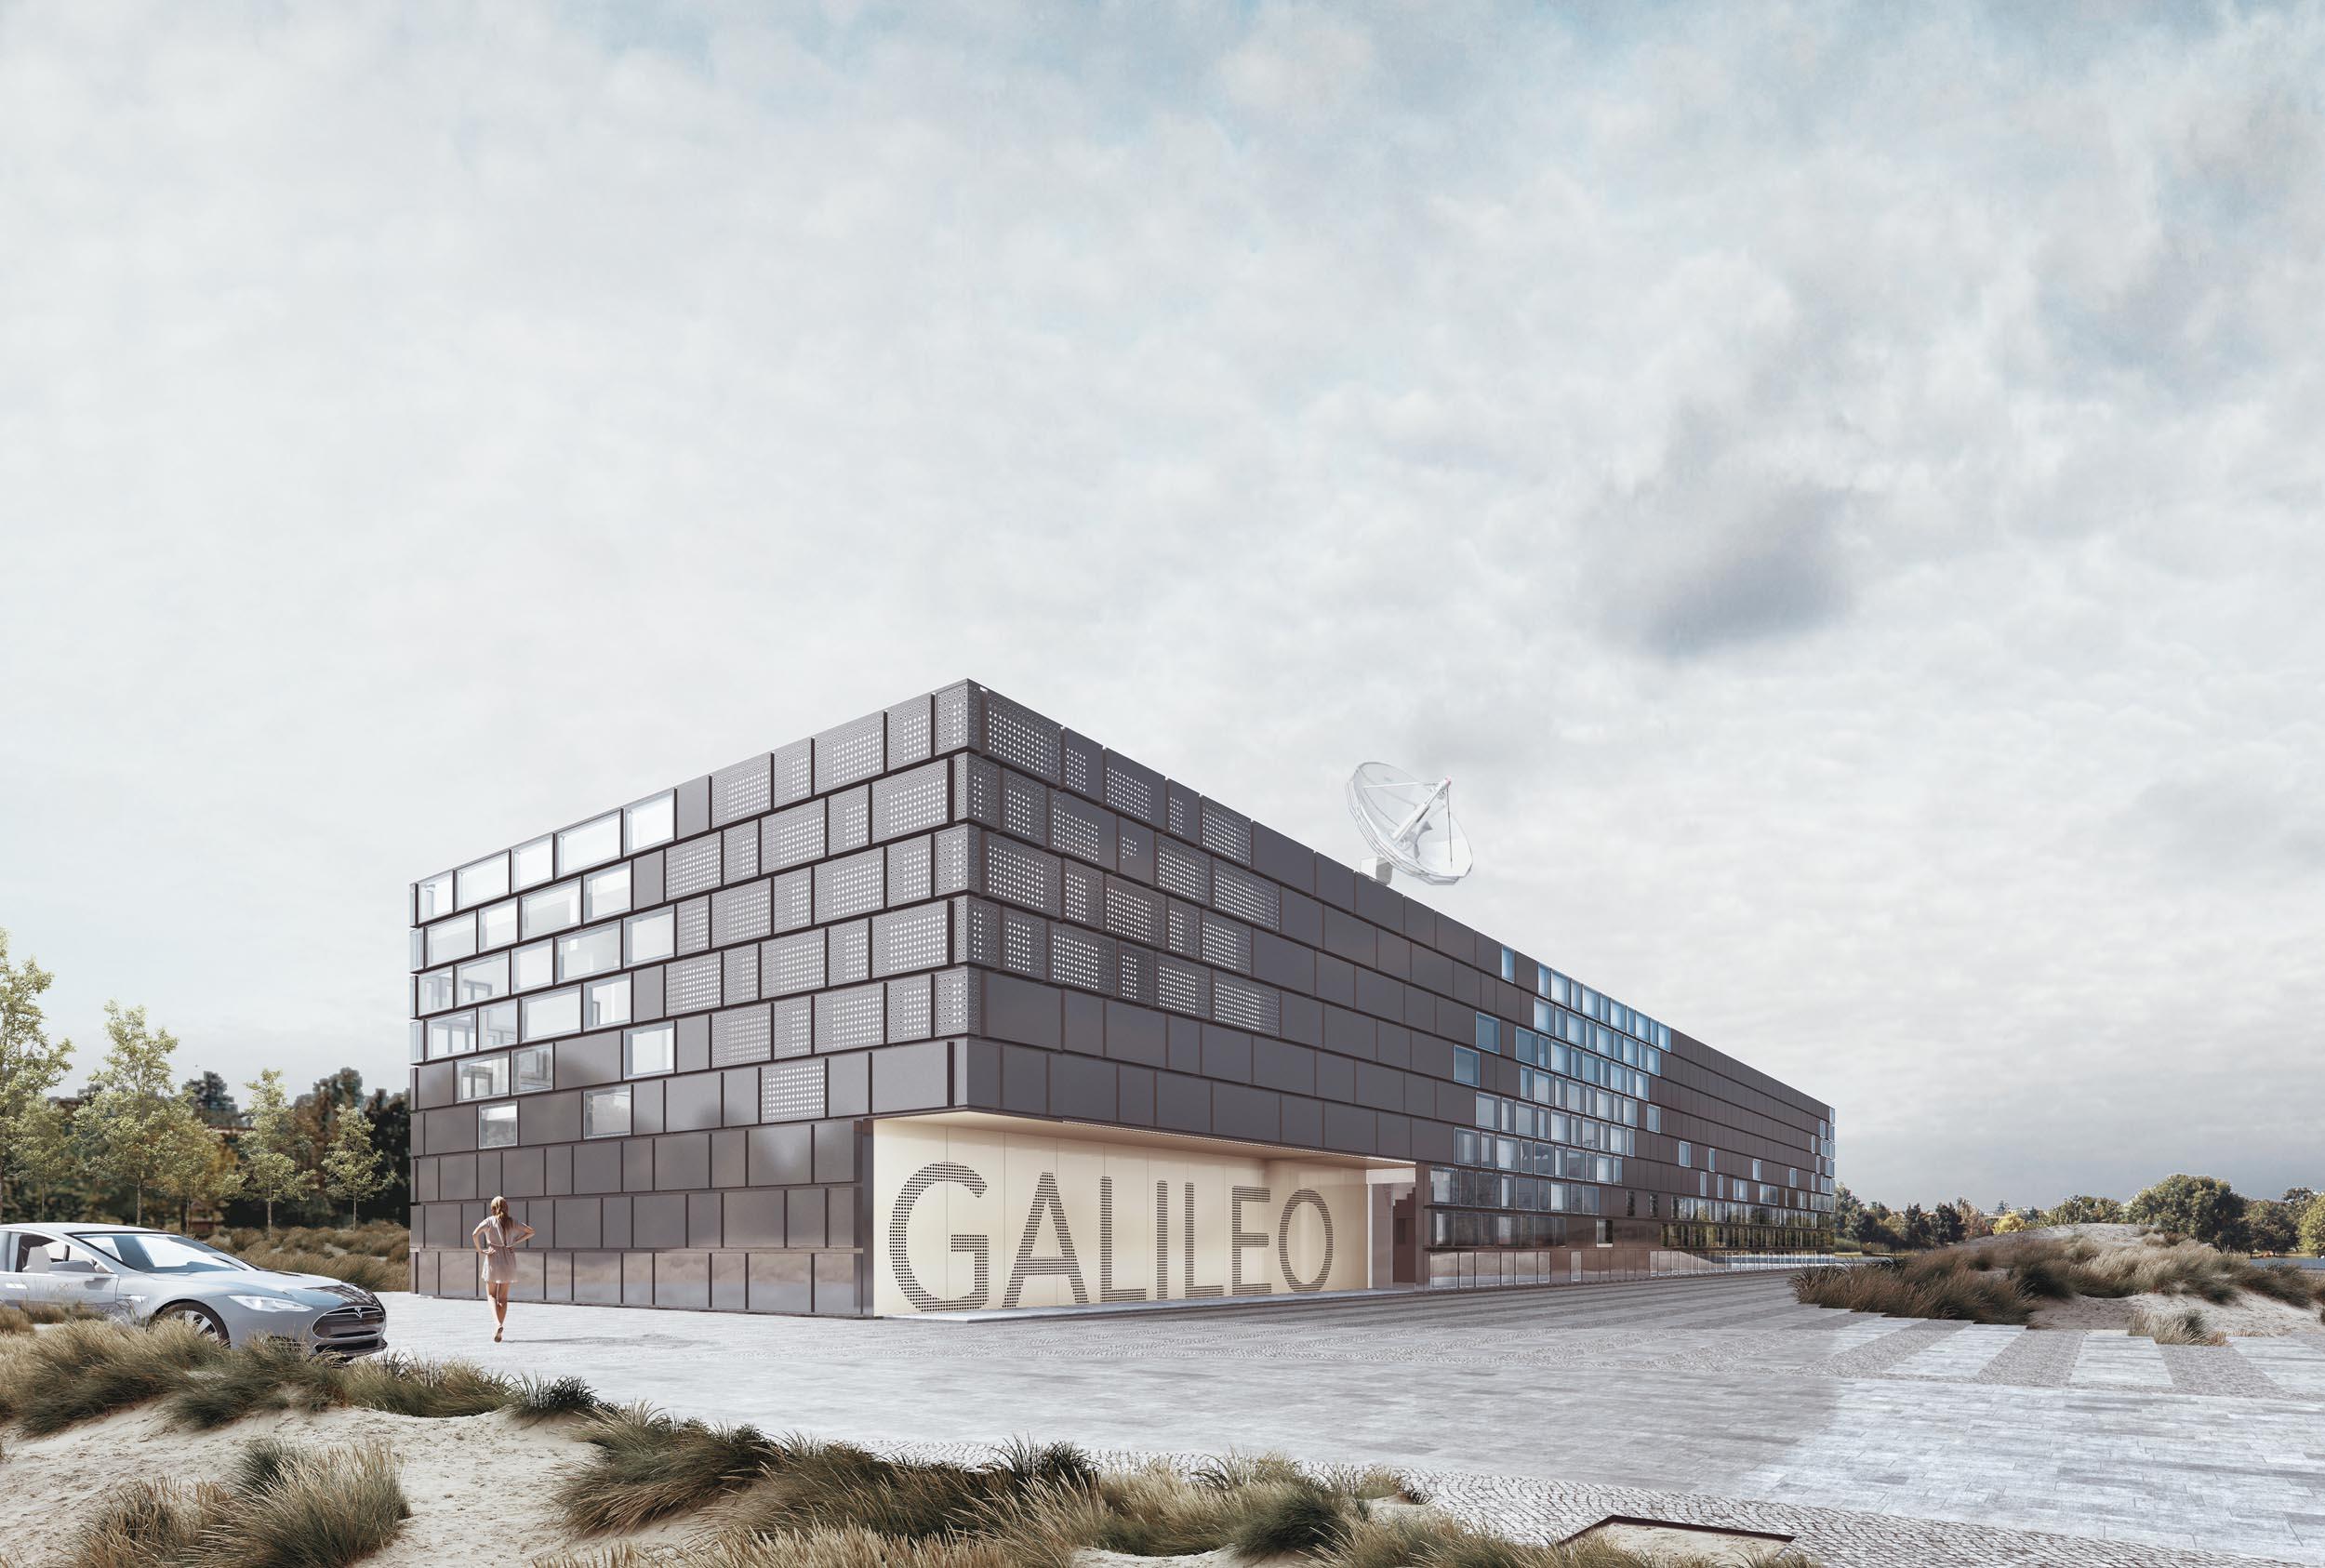 Duurzaam ontwerp voor Galileo-gebouw